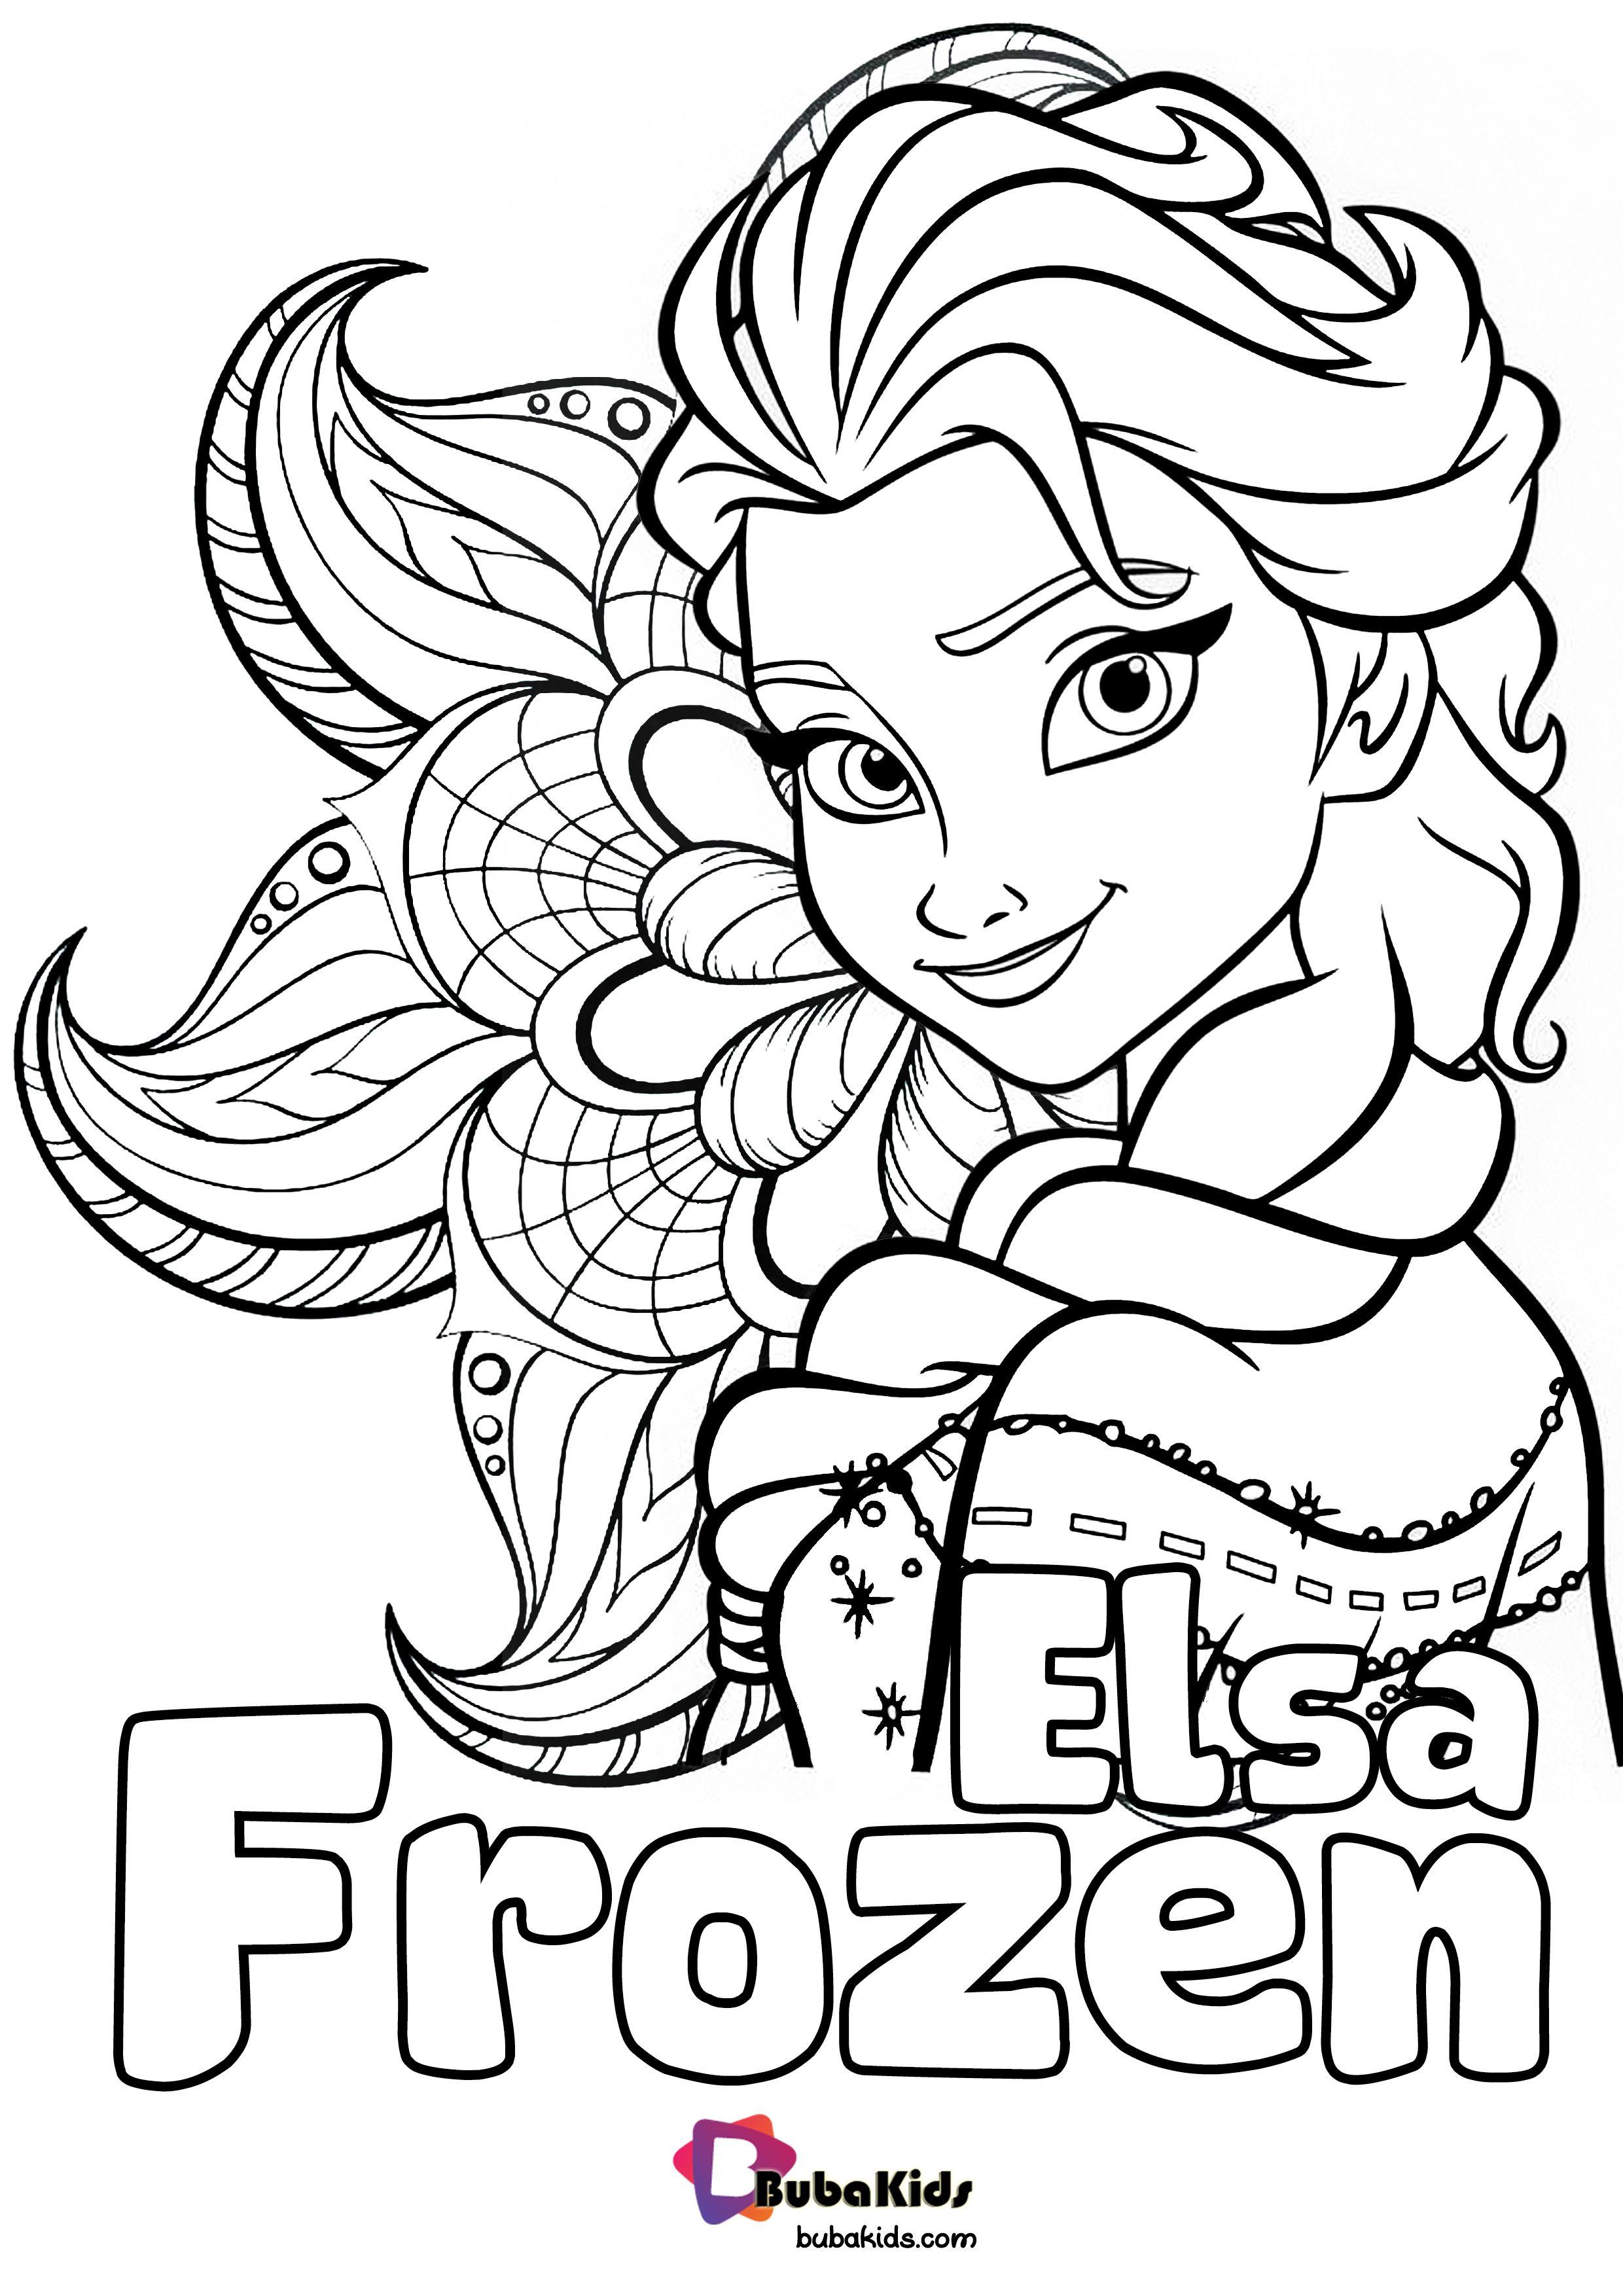 Princess Elsa Frozen Coloring Pages Coloringpages Frozen Coloringpages Frozen Cartoon Coloring Frozen Coloring Pages Elsa Coloring Pages Frozen Coloring